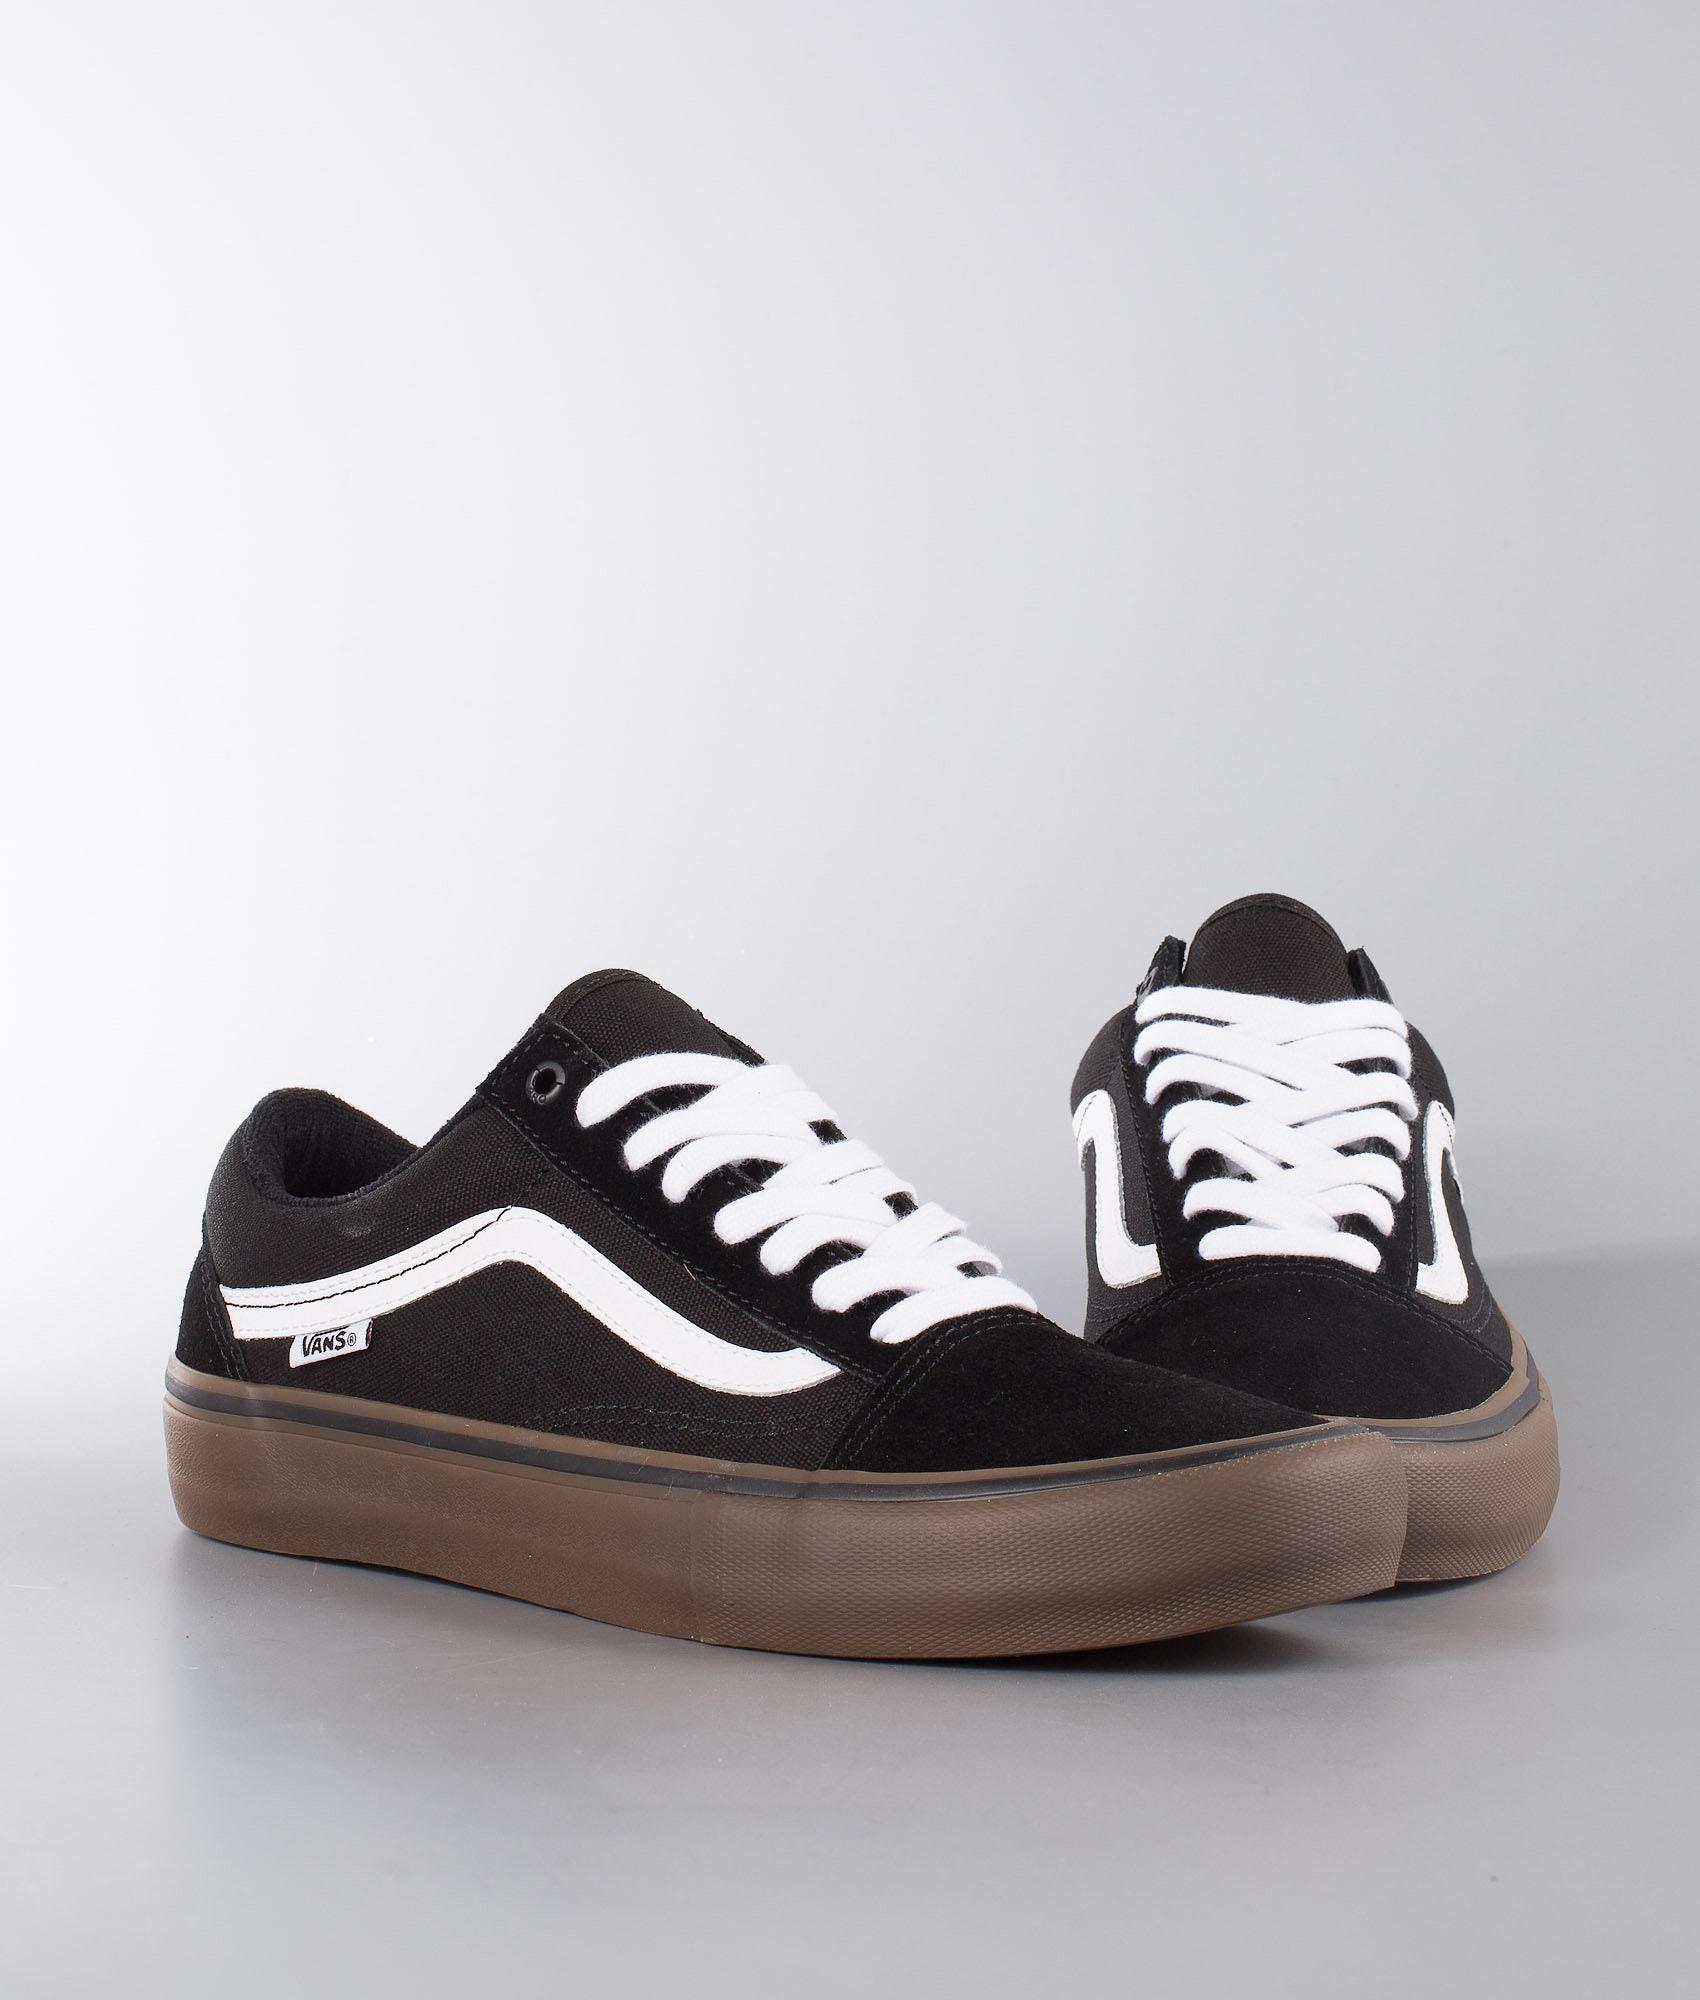 4133eb9c3309 Vans Old Skool Pro Shoes Black White Medium Gum - Ridestore.com